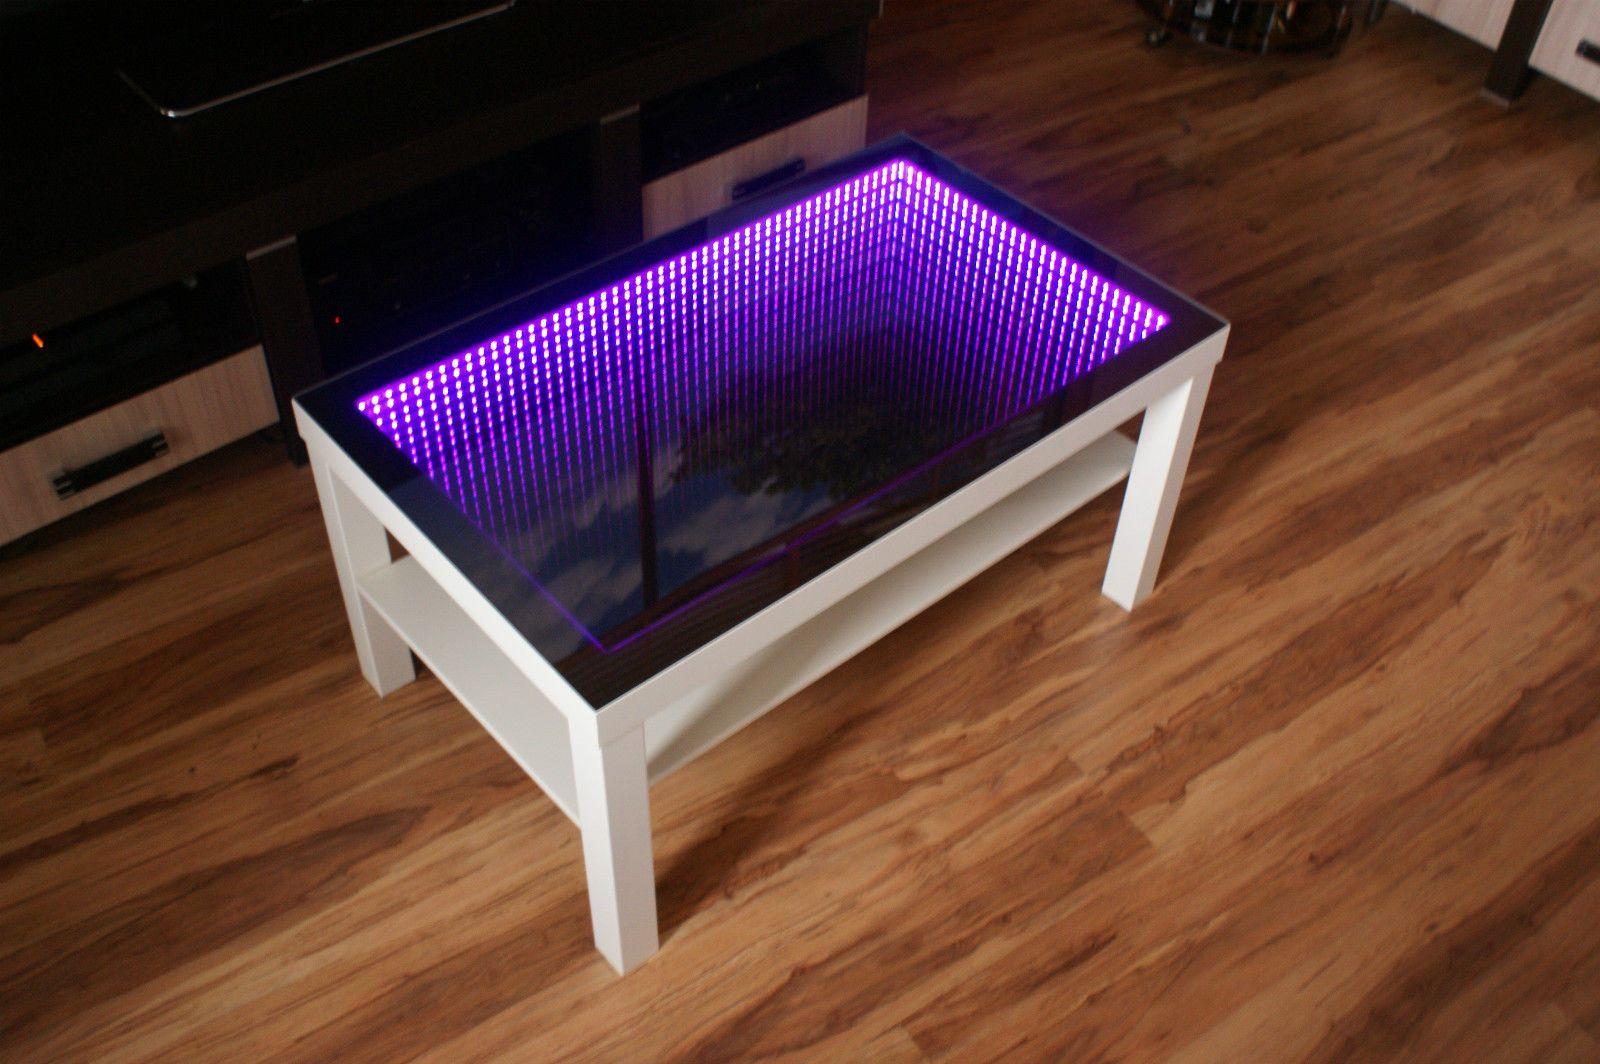 Tisch Couchtisch Glastisch 3d Led Multicolor Wirkung Unendliche Tiefe Spiegel Glastische Wohnzimmertische Couchtisch Led